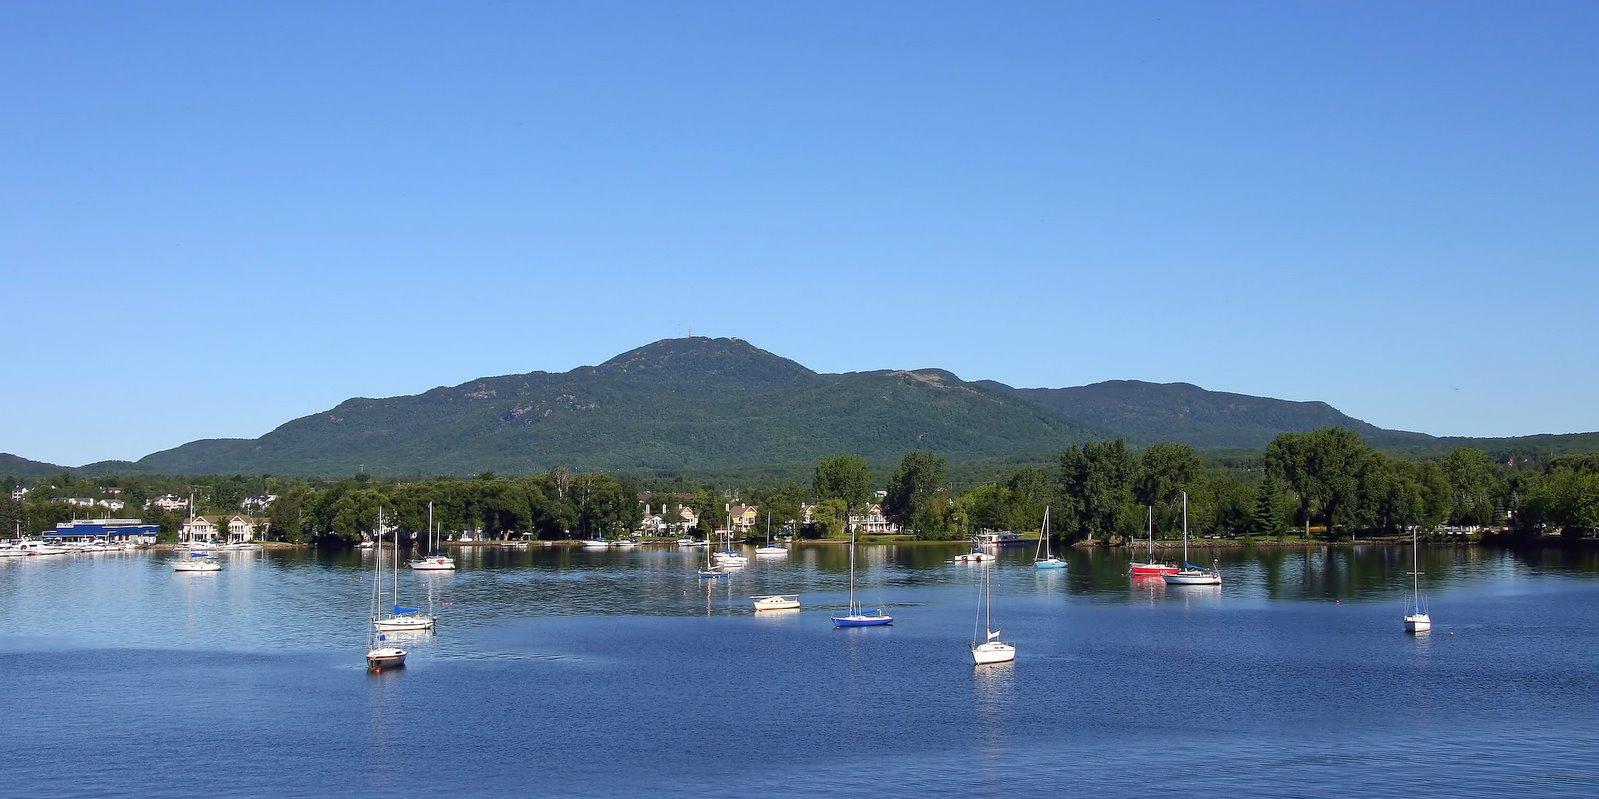 Mont-offord-et-lac-Antoine-Petrecca3